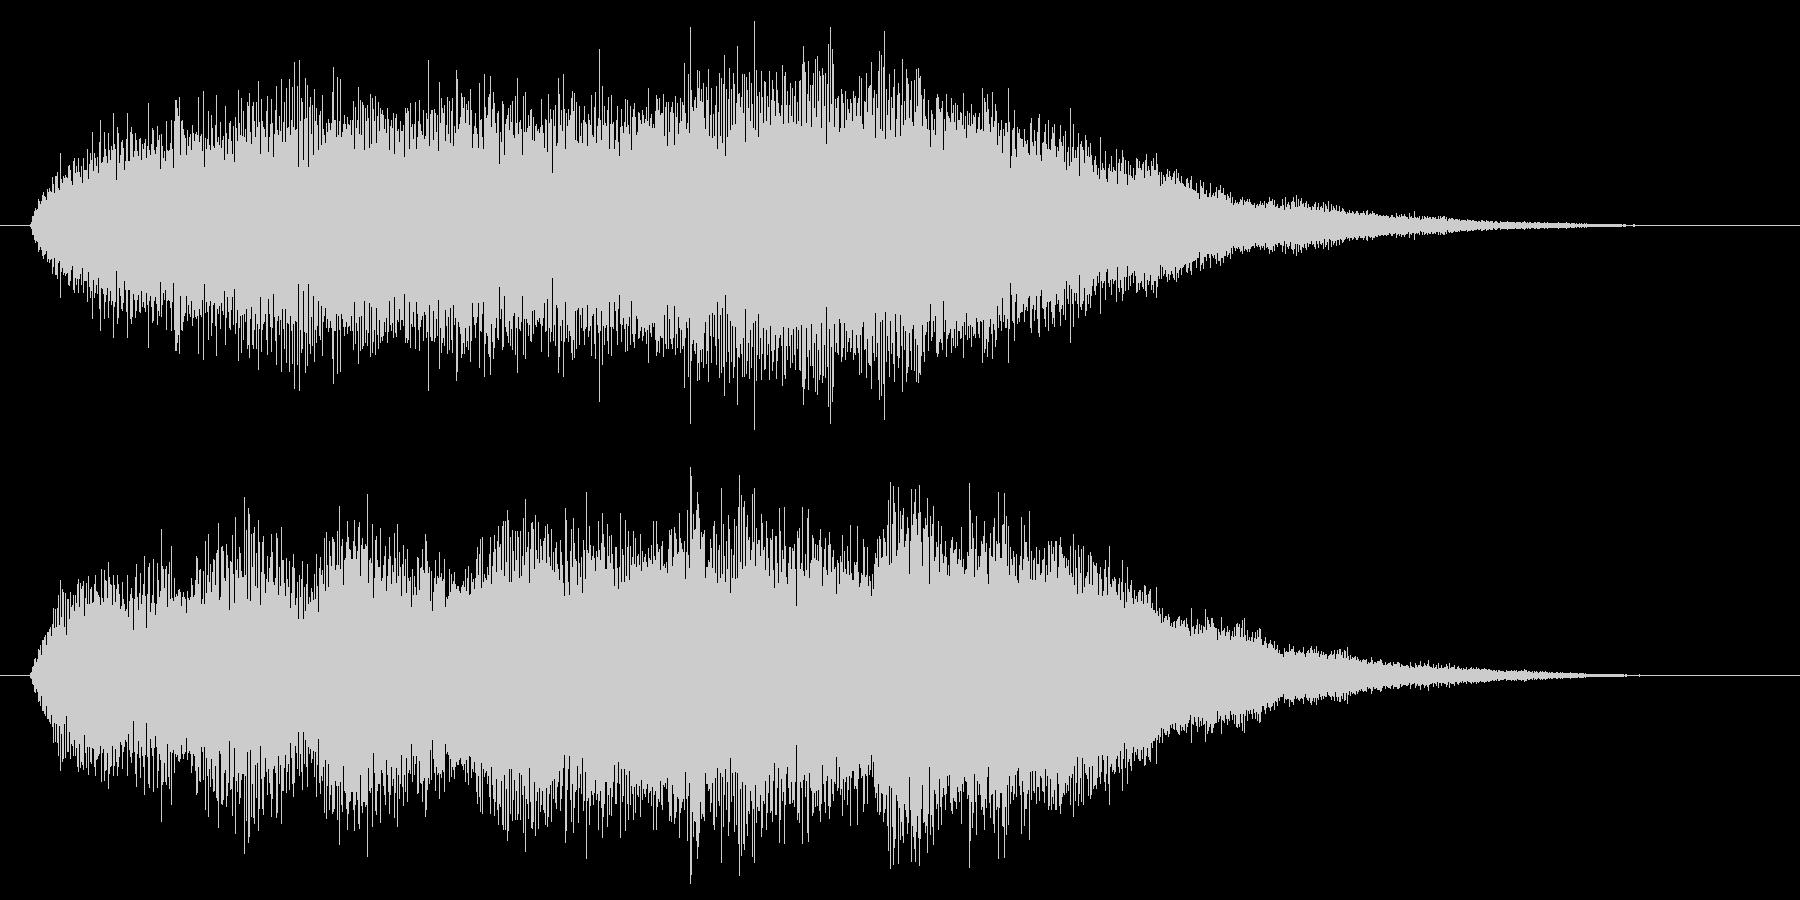 シンセがシリアスなワンコードを弾く効果音の未再生の波形